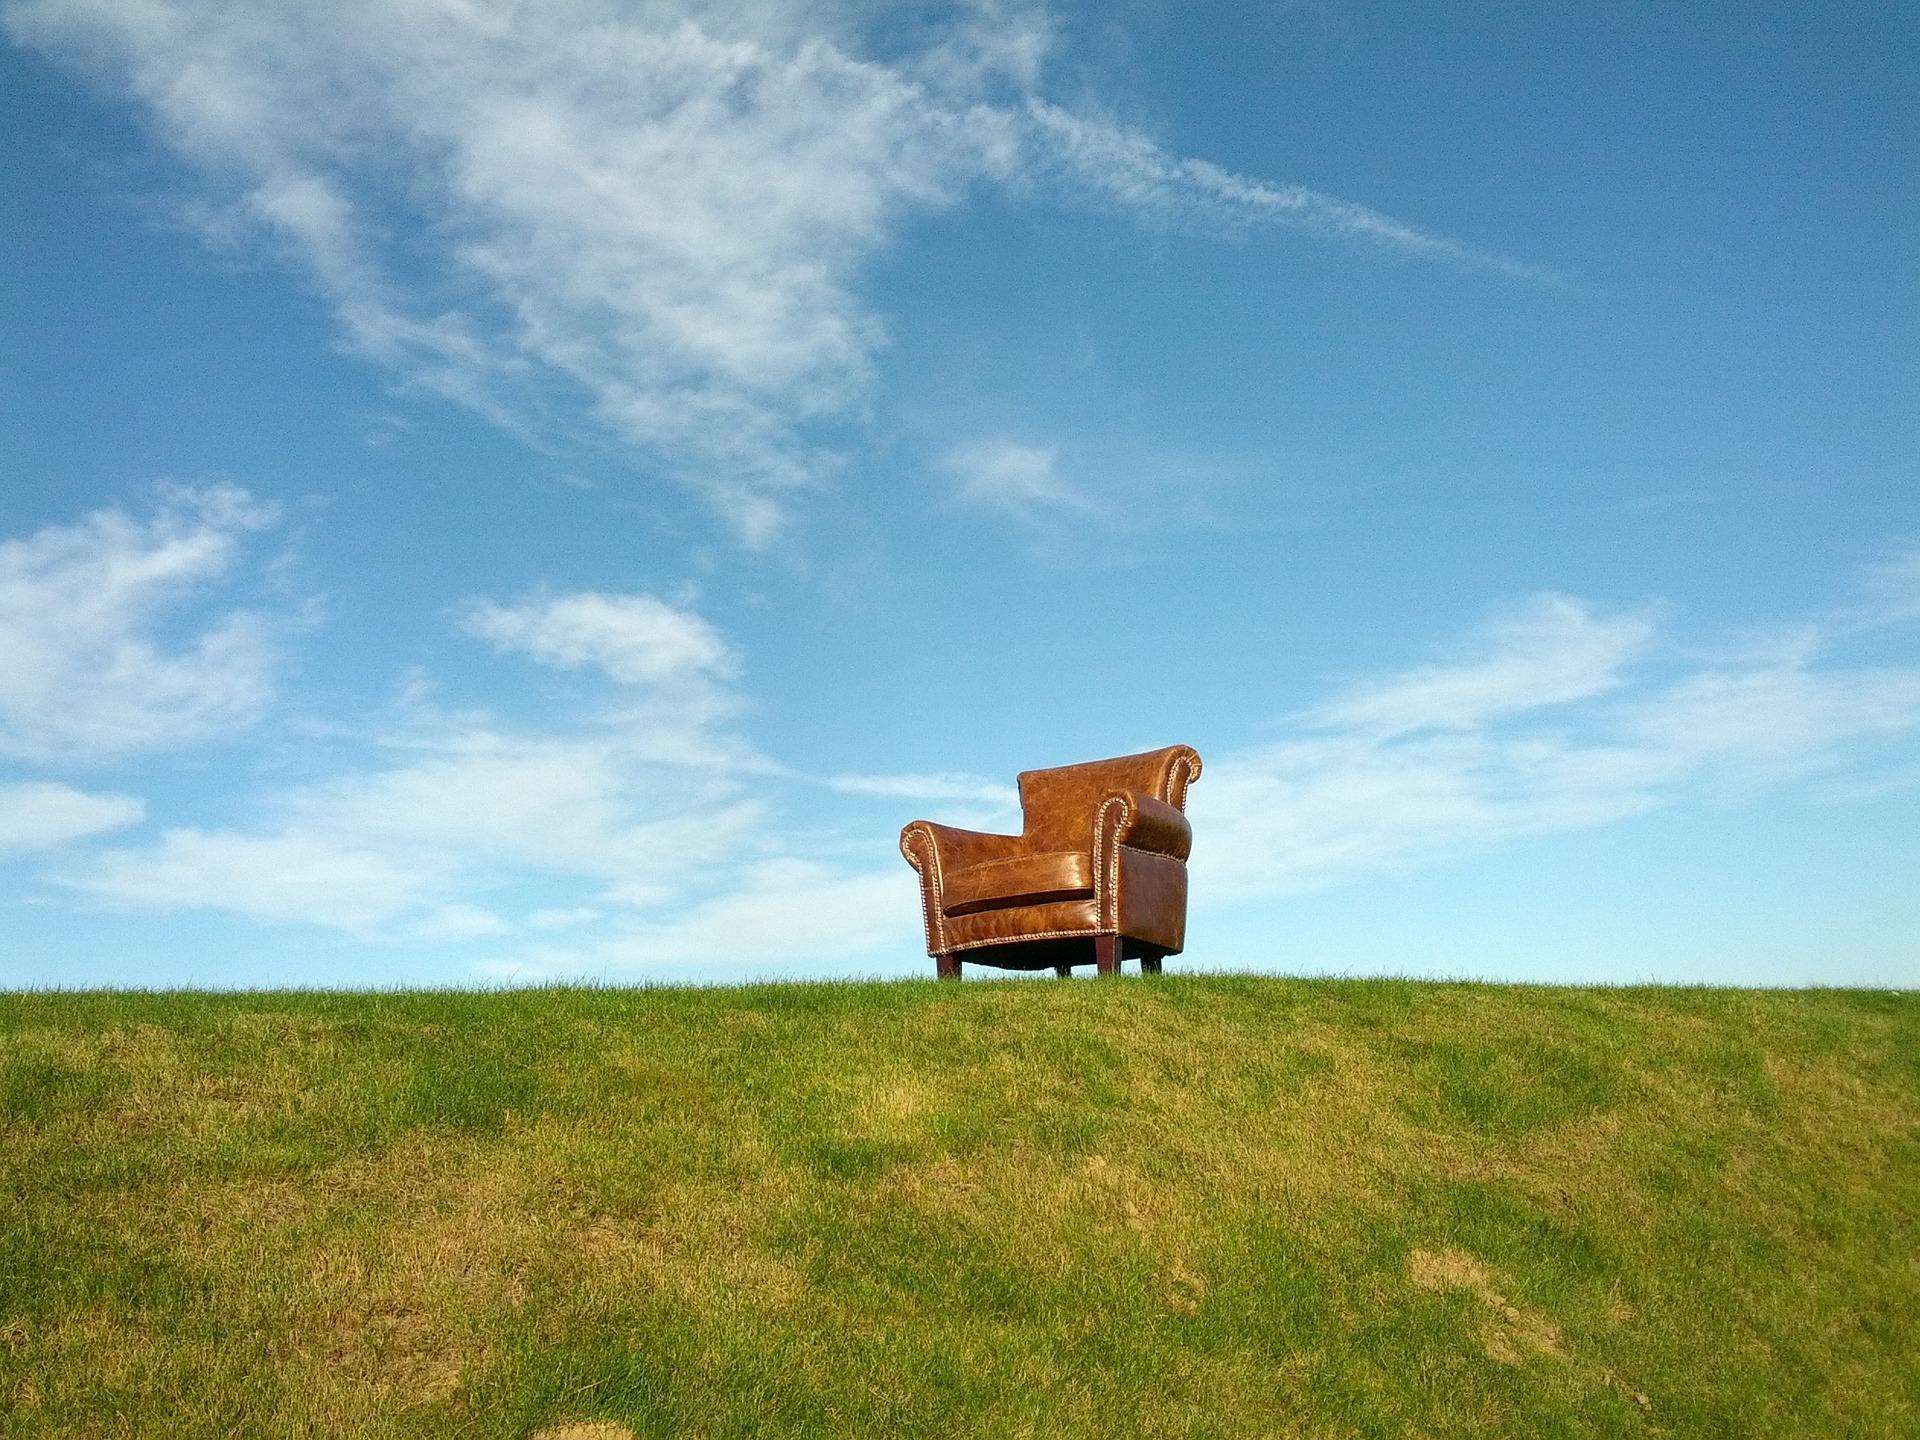 chair-1049325_1920.jpg